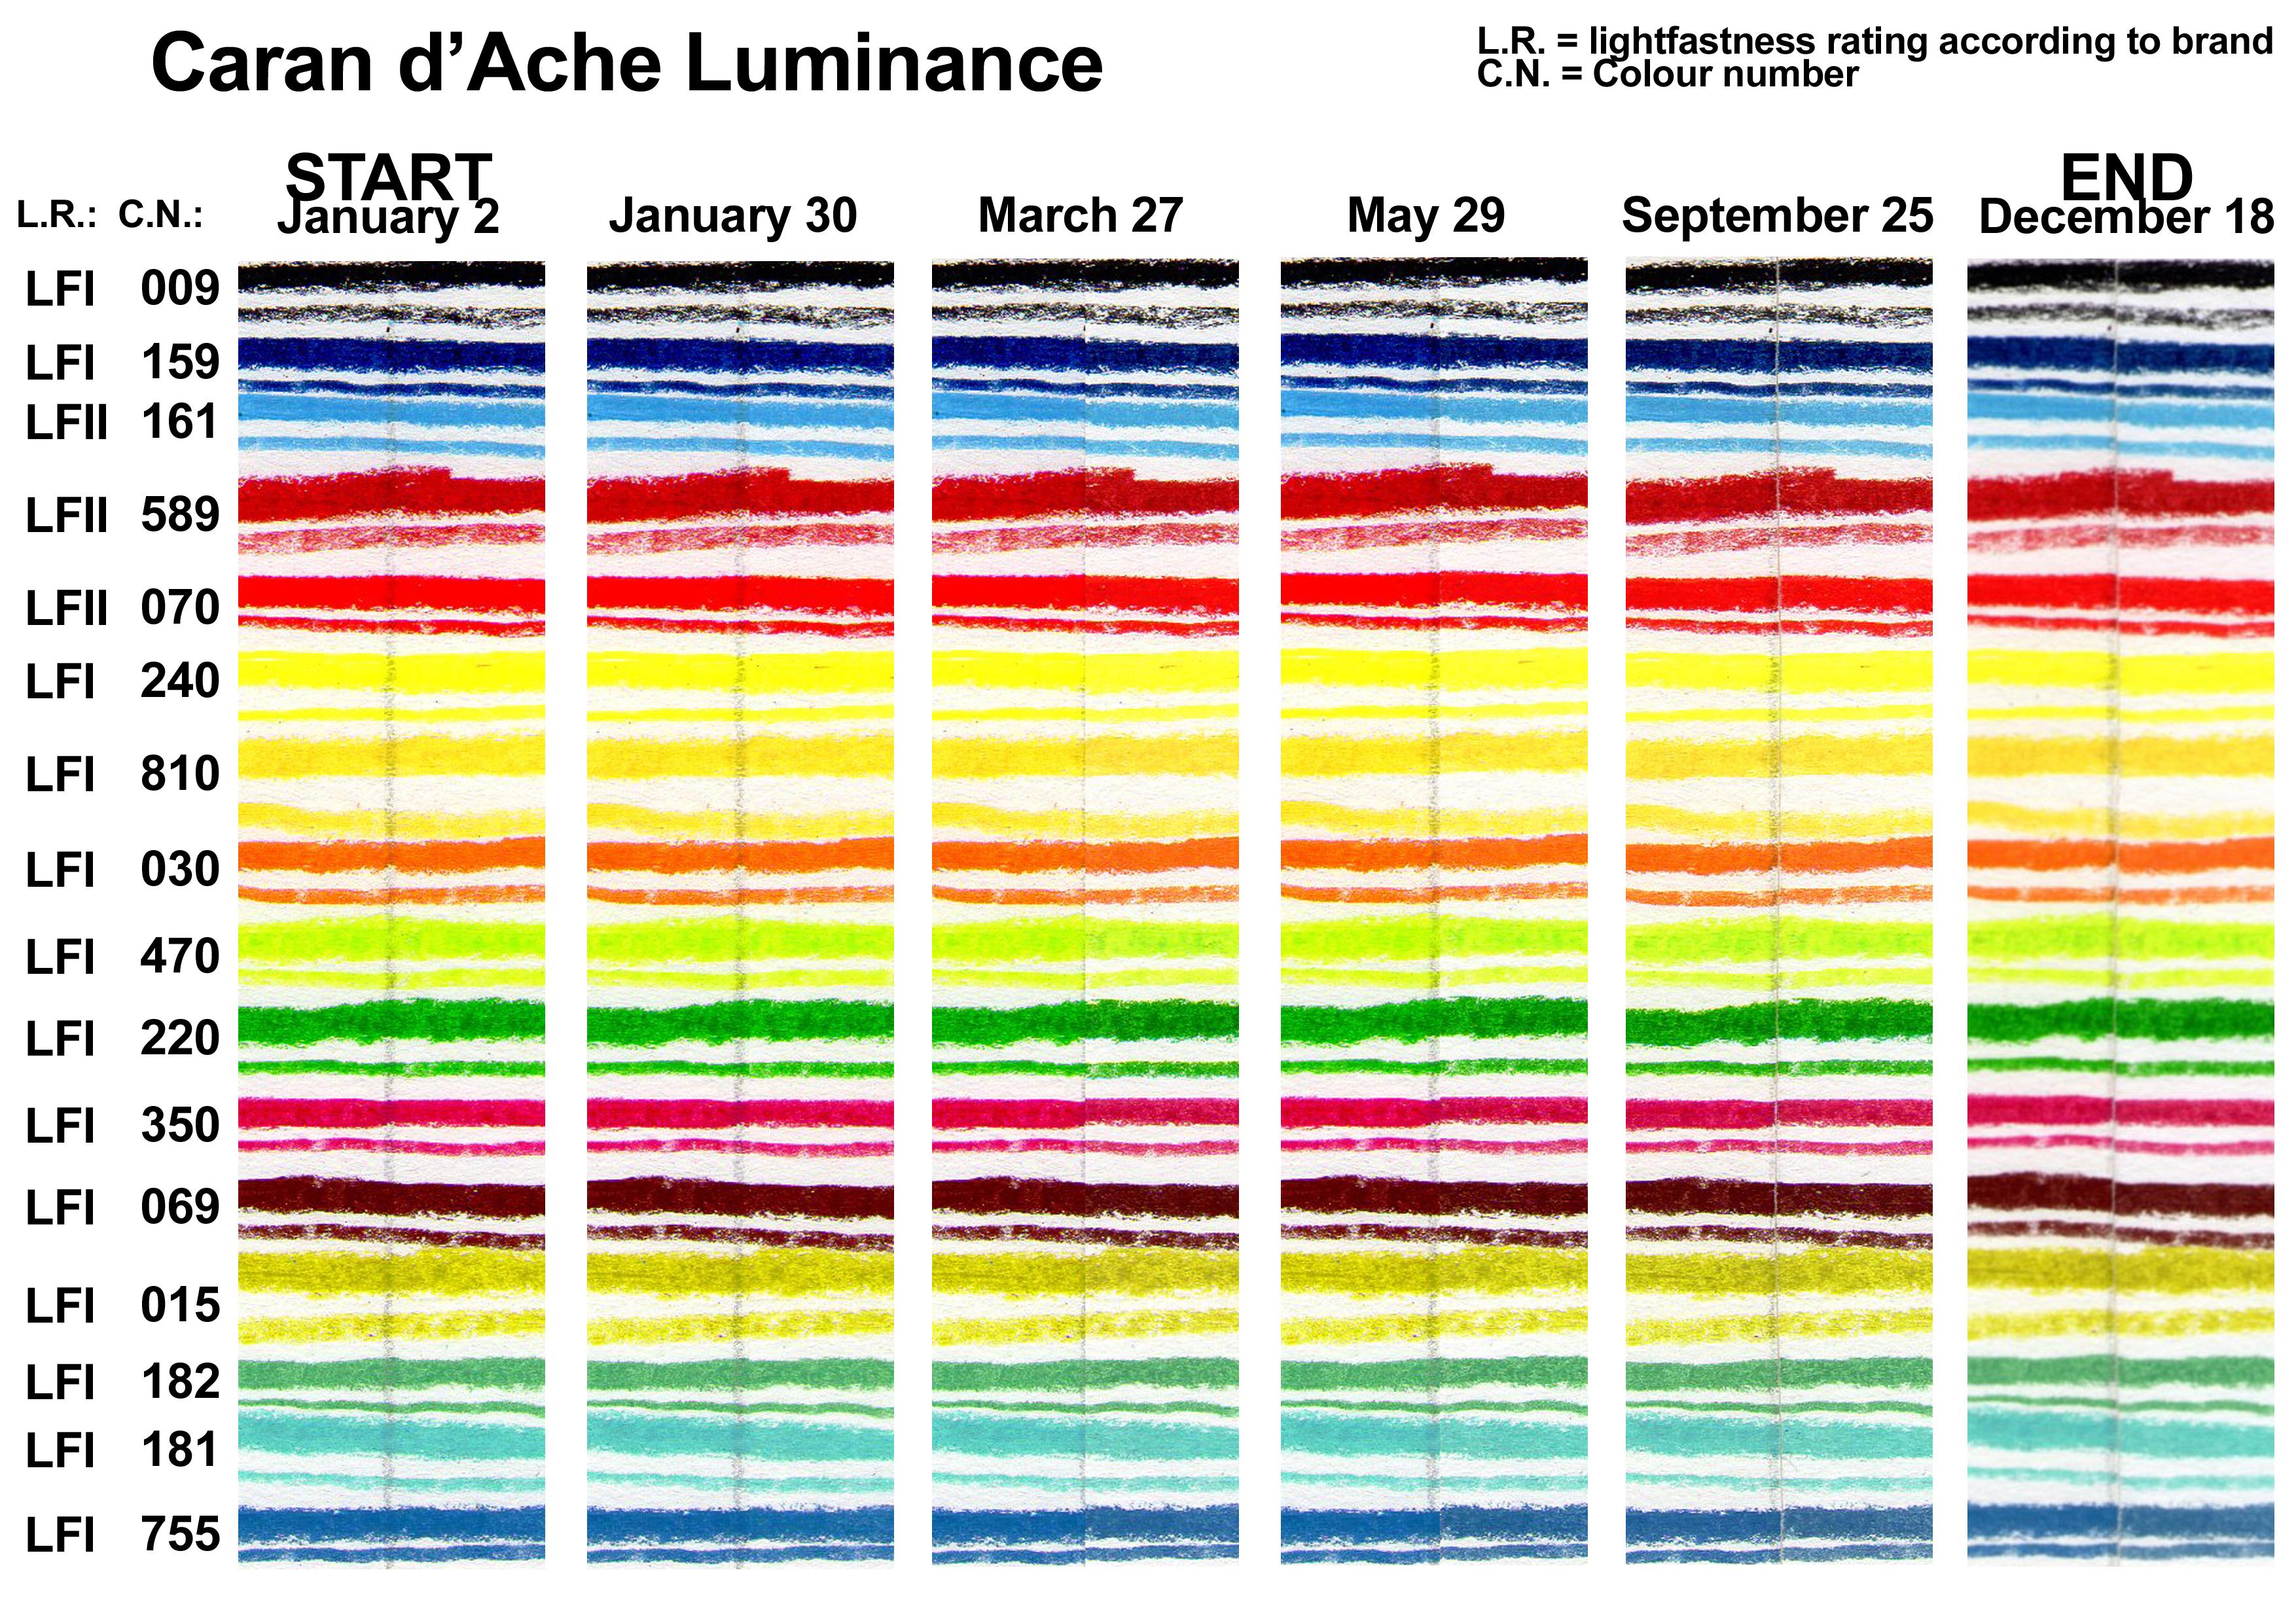 overzicht_CarandAche-Luminance